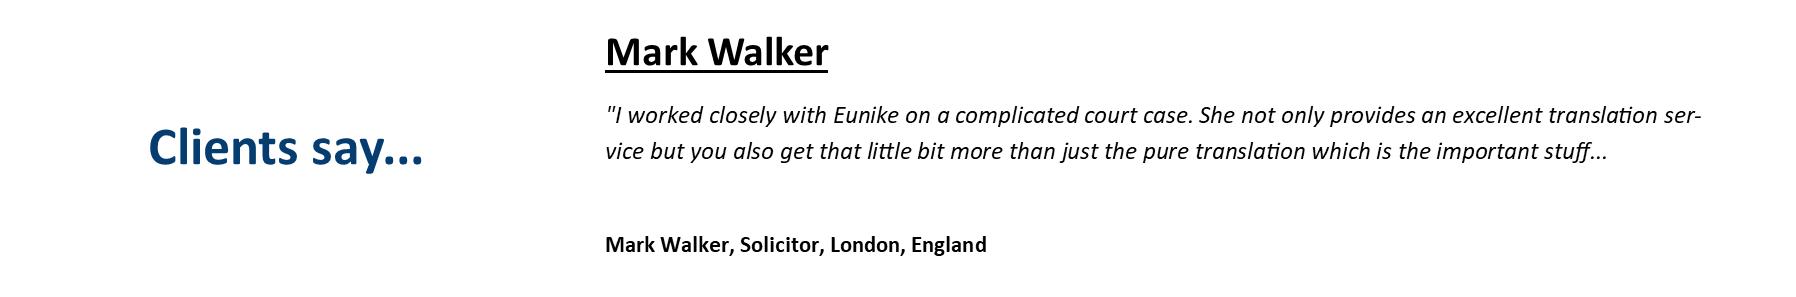 en-markwalker